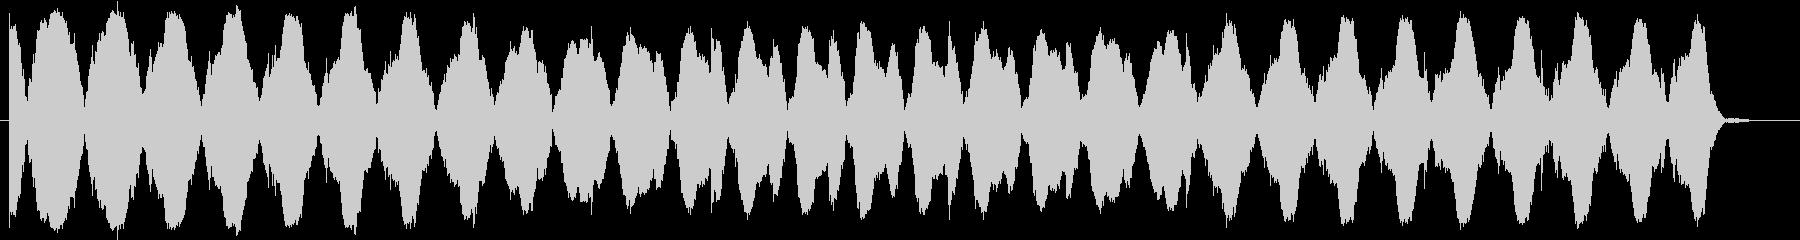 暗く不安になる音楽(ミステリー、ホラー)の未再生の波形